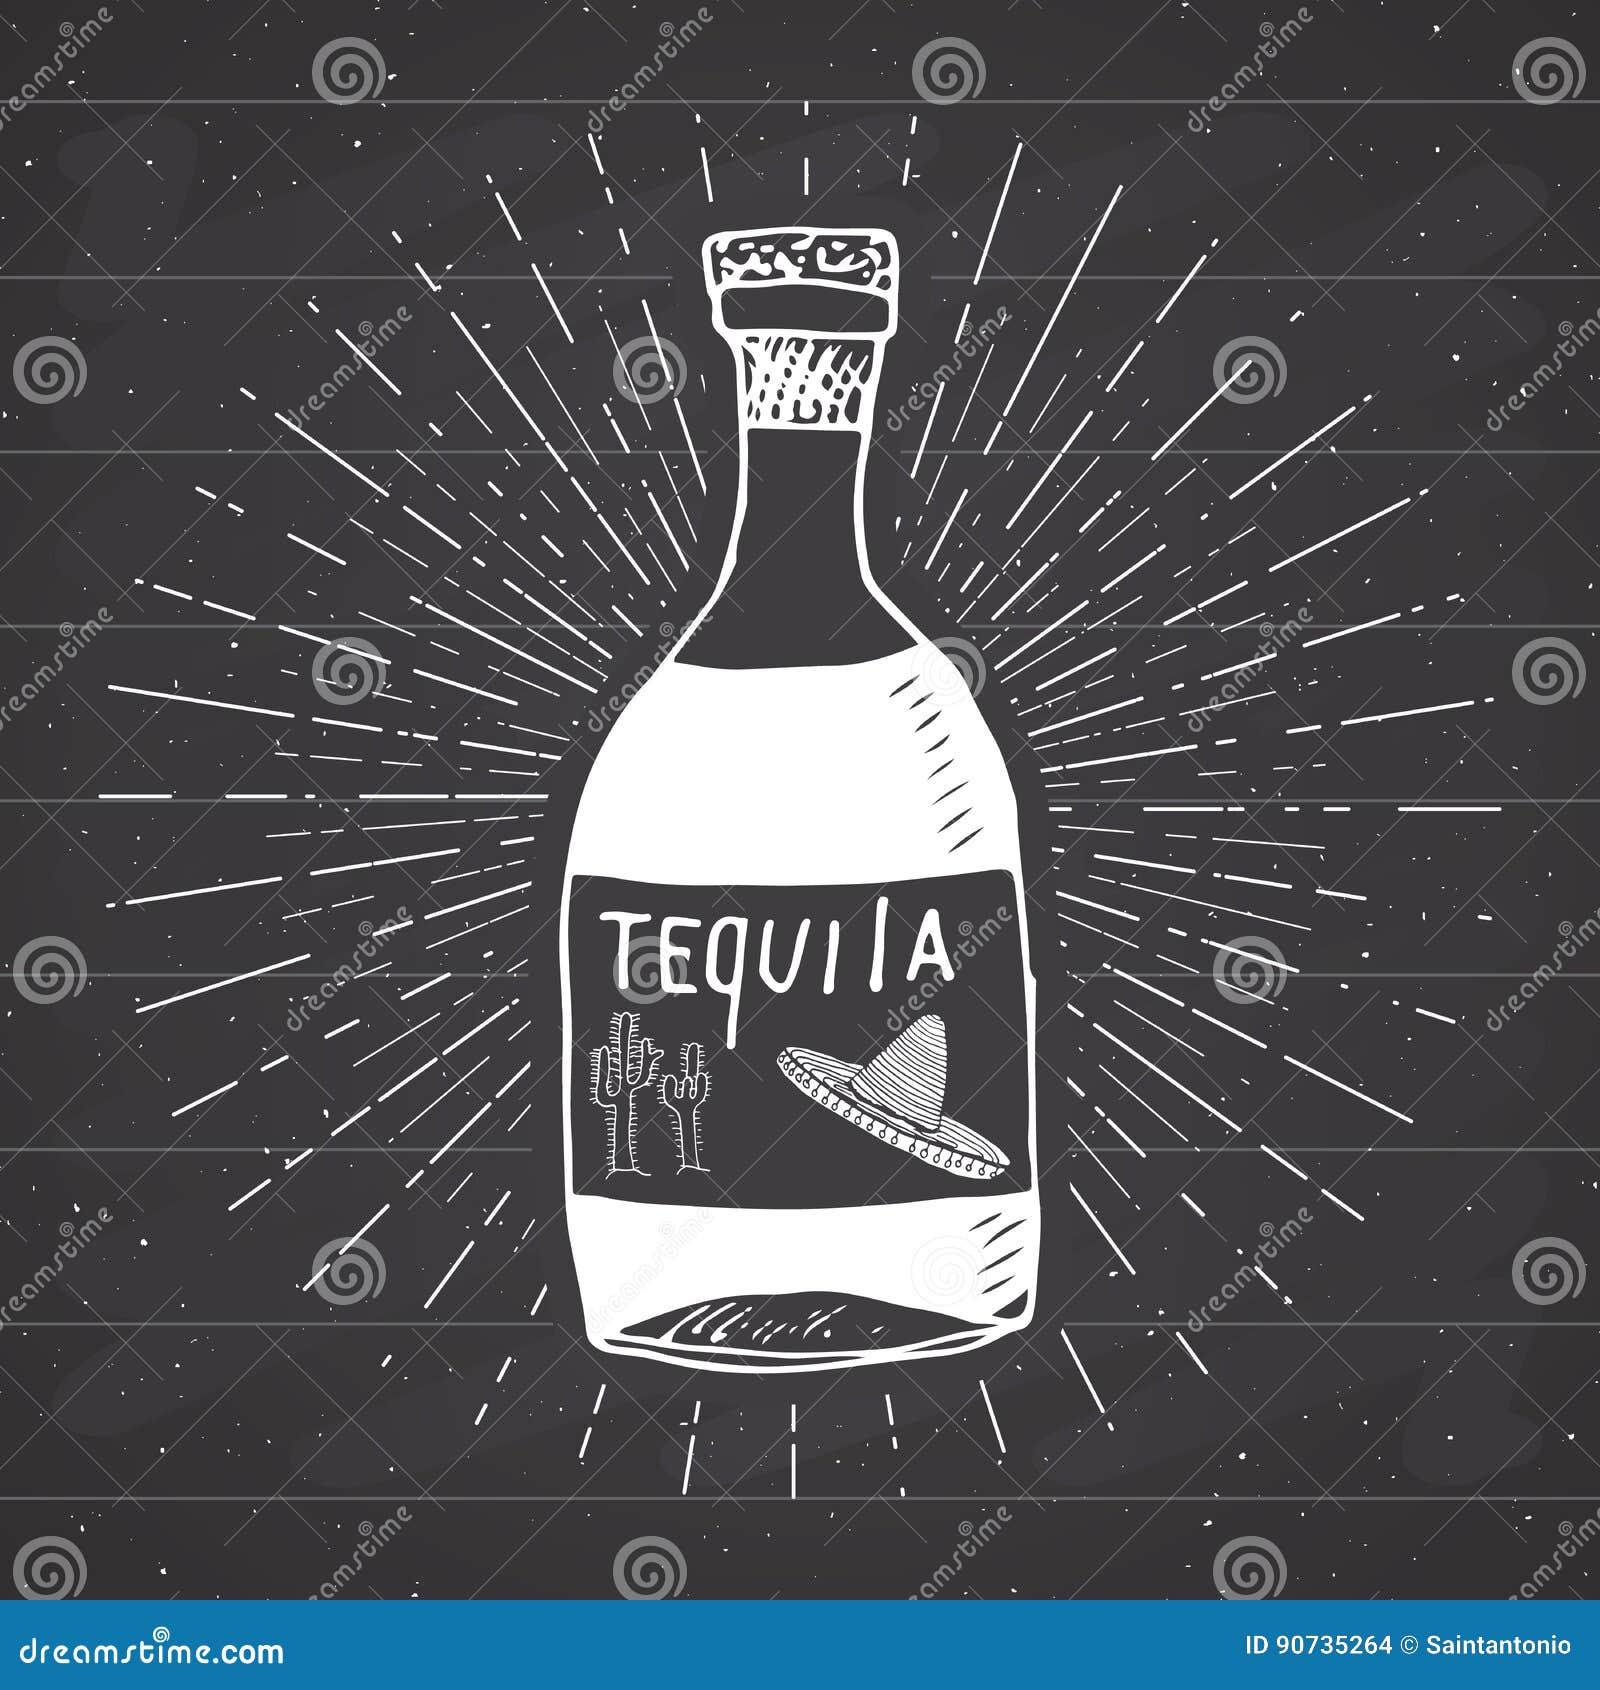 A etiqueta do vintage, garrafa tirada mão do esboço tradicional mexicano da bebida do álcool do tequila, grunge textured o crachá